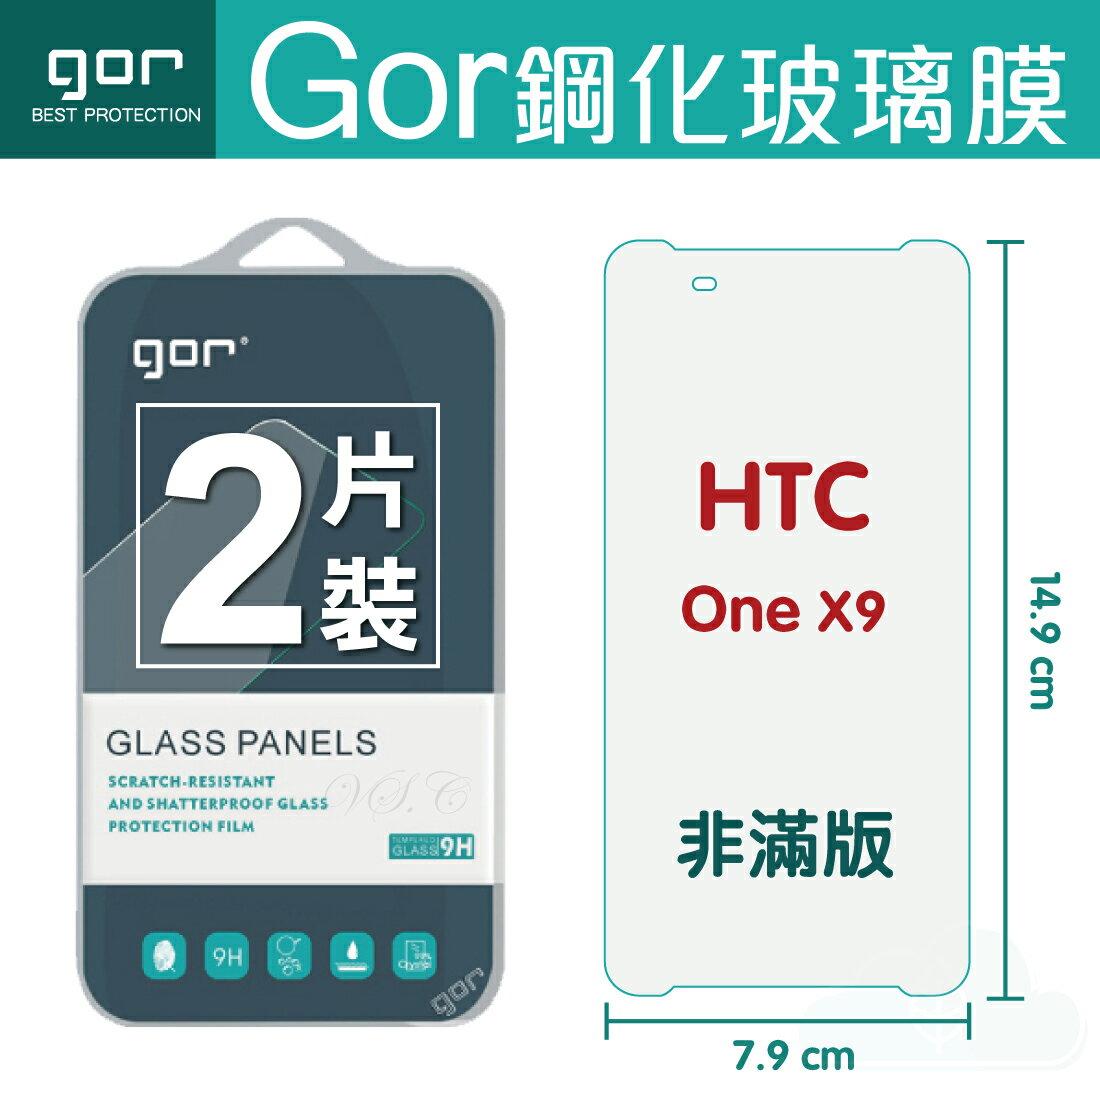 【HTC】 GOR 9H HTC One X9 鋼化 玻璃 保護貼 全透明非滿版 兩片裝 【全館滿299免運費】